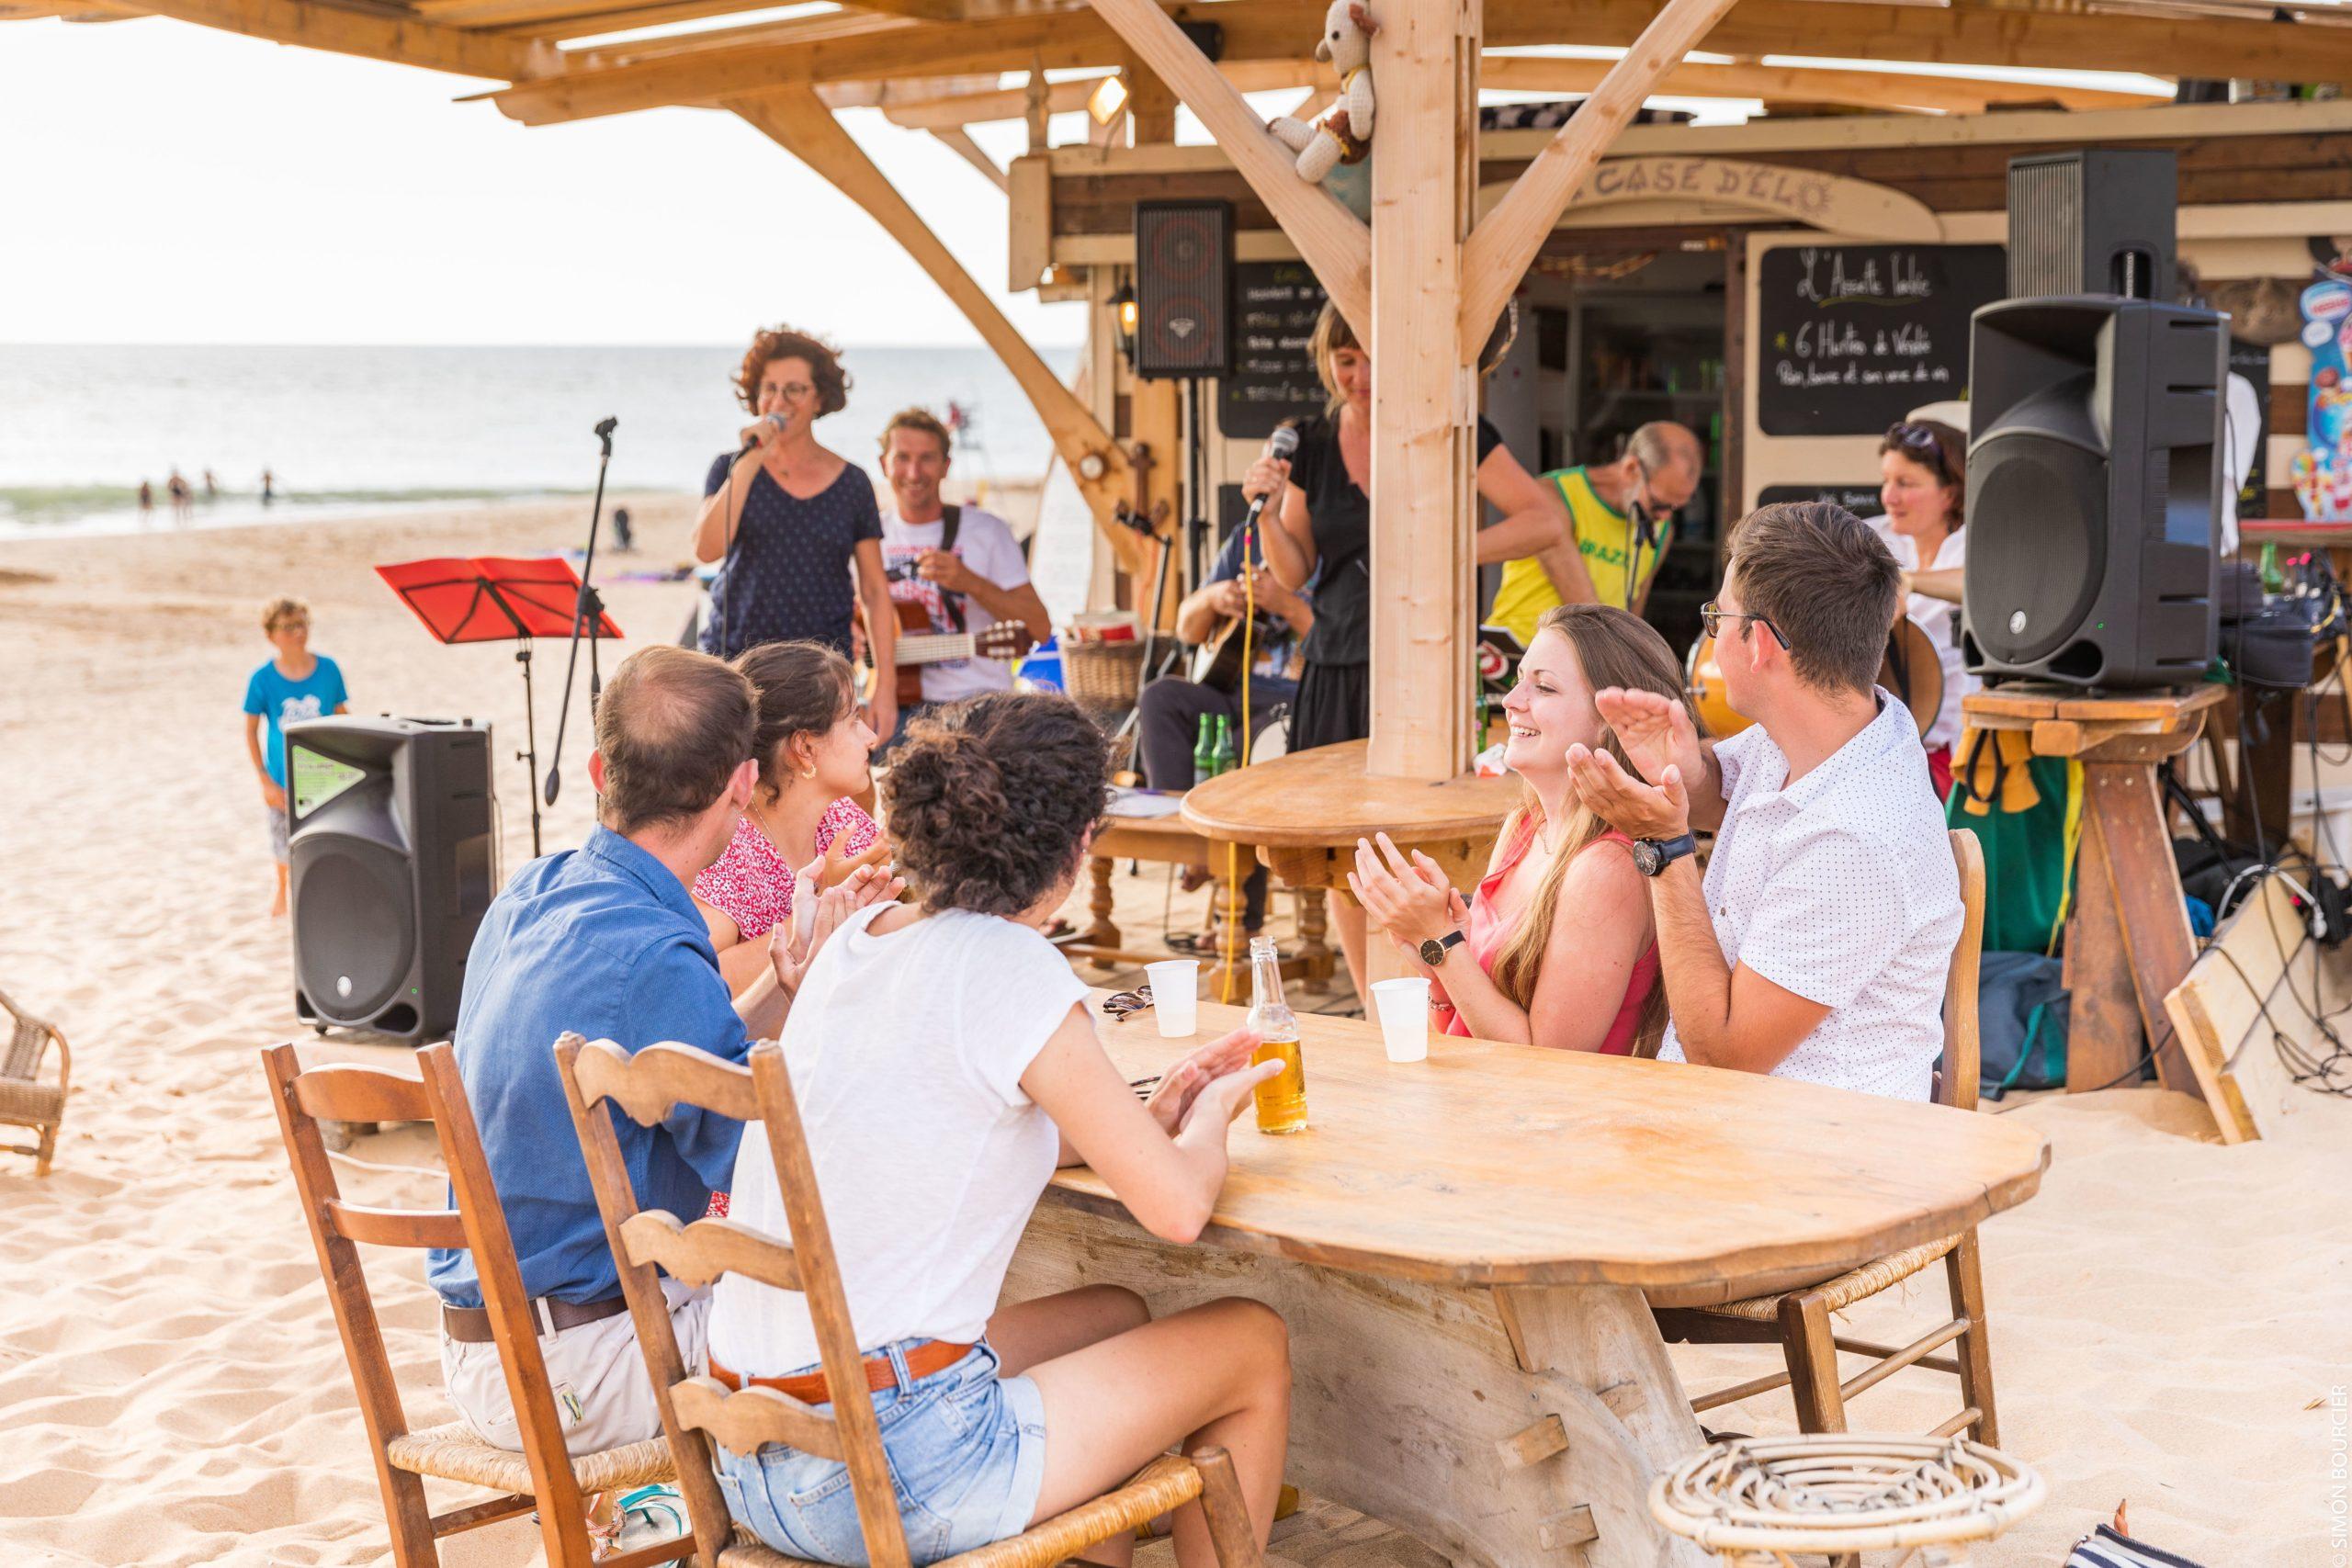 bar-activite-la-tranche-sur-mer-le-port-de-moricq-vendee-expansion.jpg